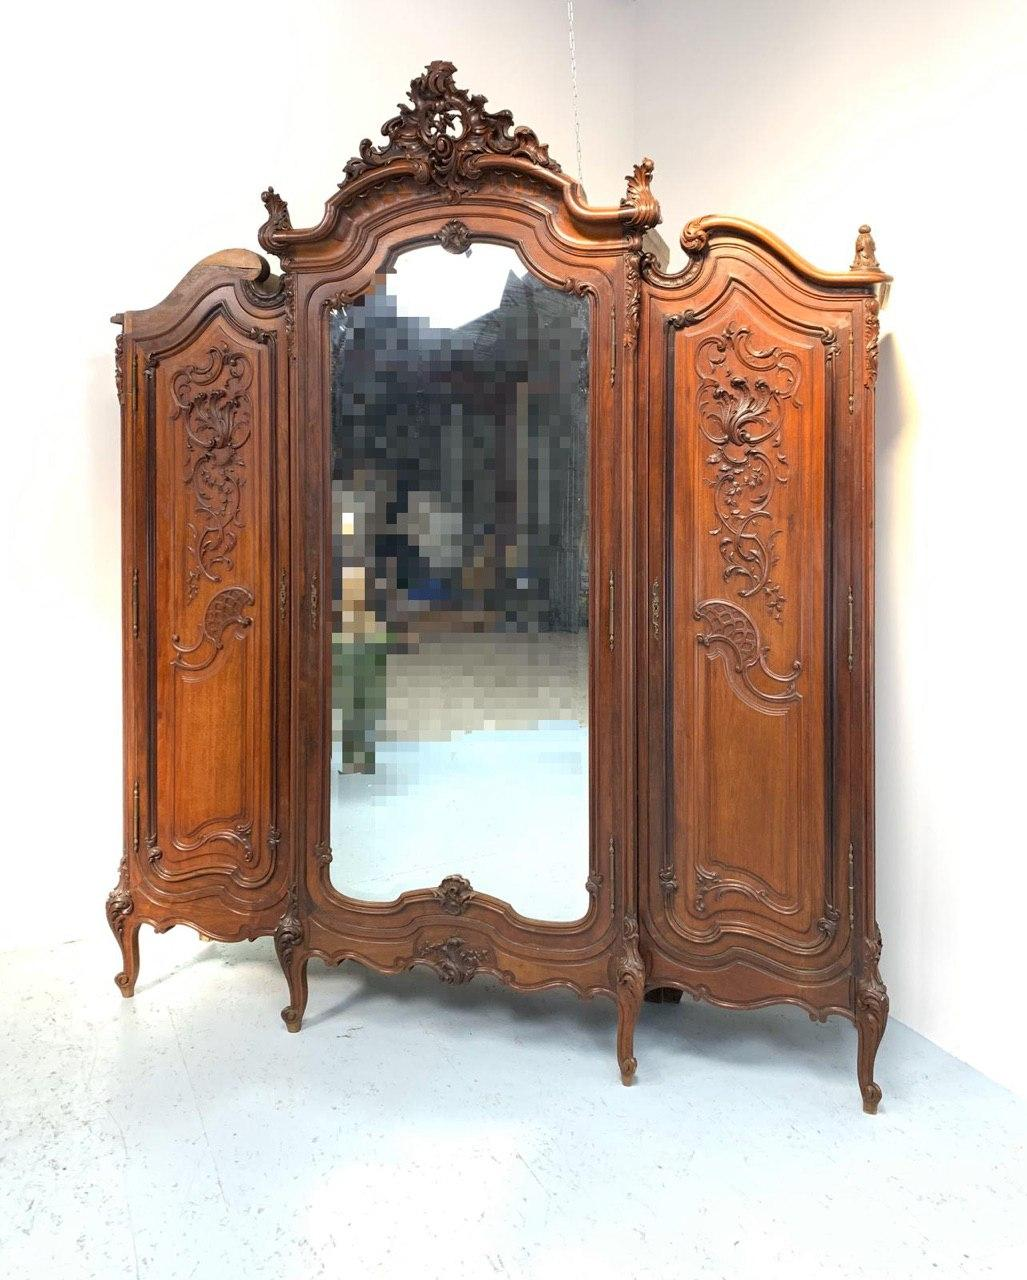 Антикварный шкаф из красного дерева в стиле Рококо